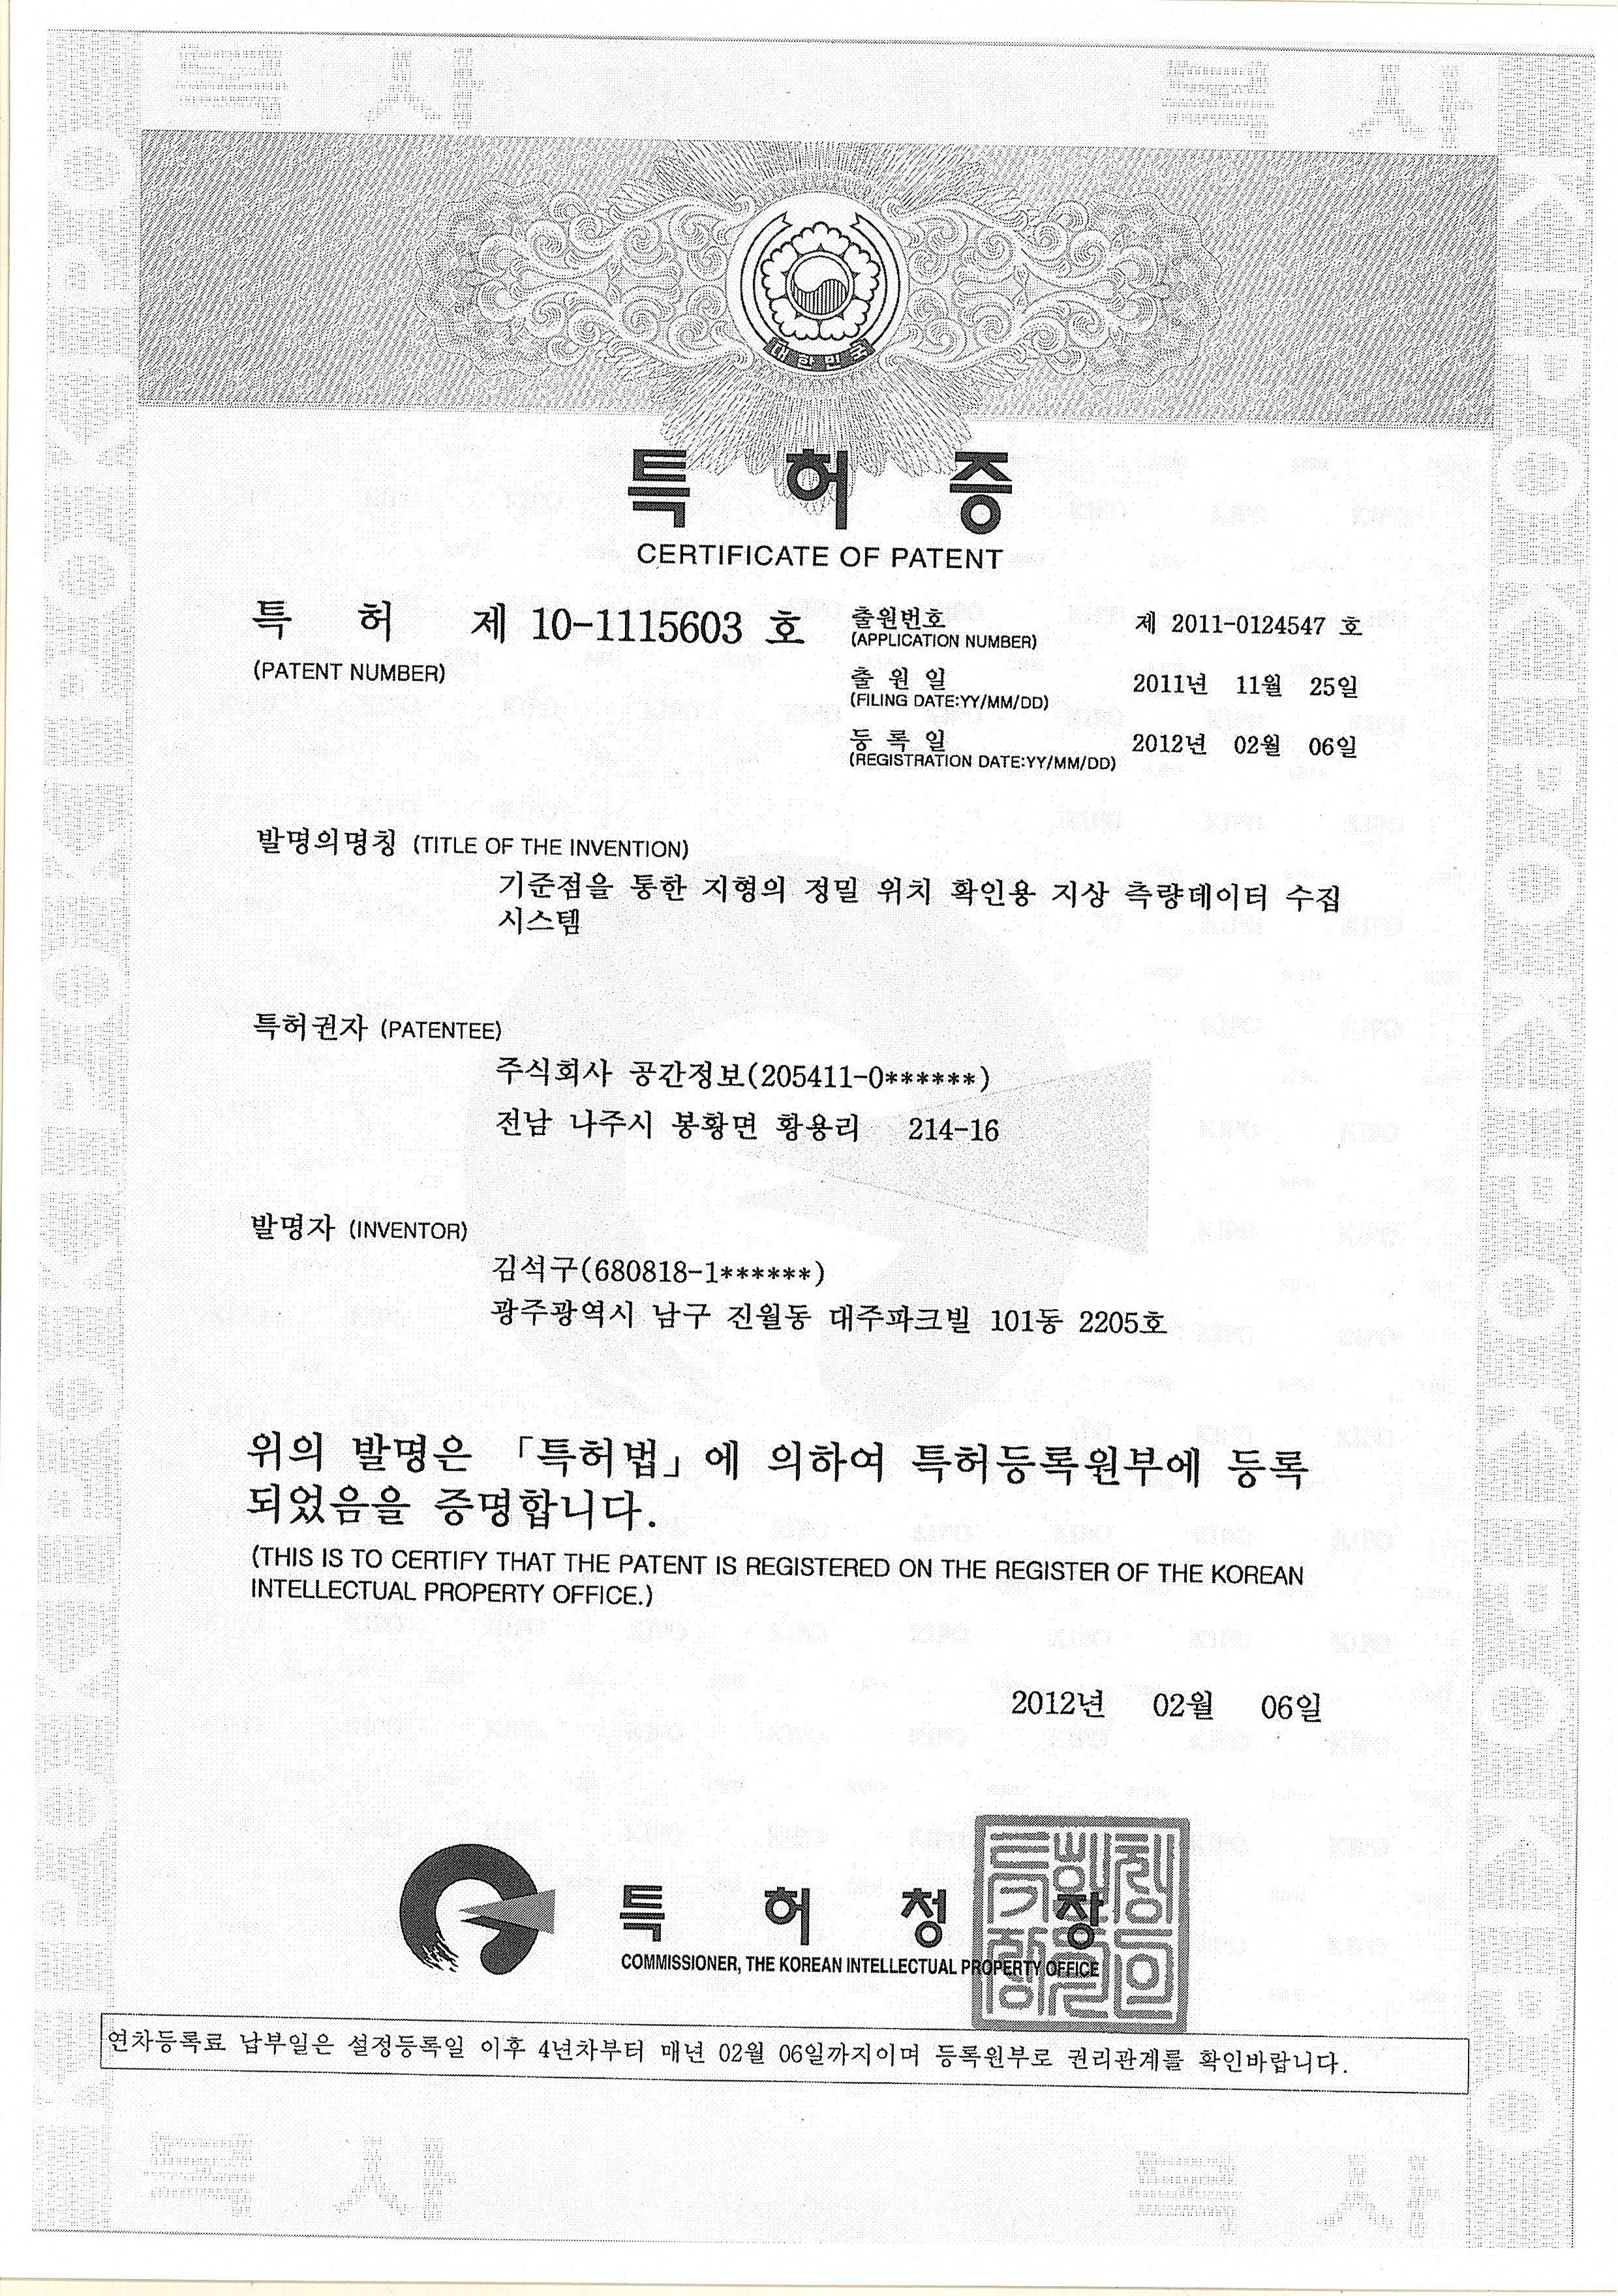 특허 10-1115603 '기준점을 통한 지형의 정밀 위치 확인용 지상 측량데이터 수집시스템'